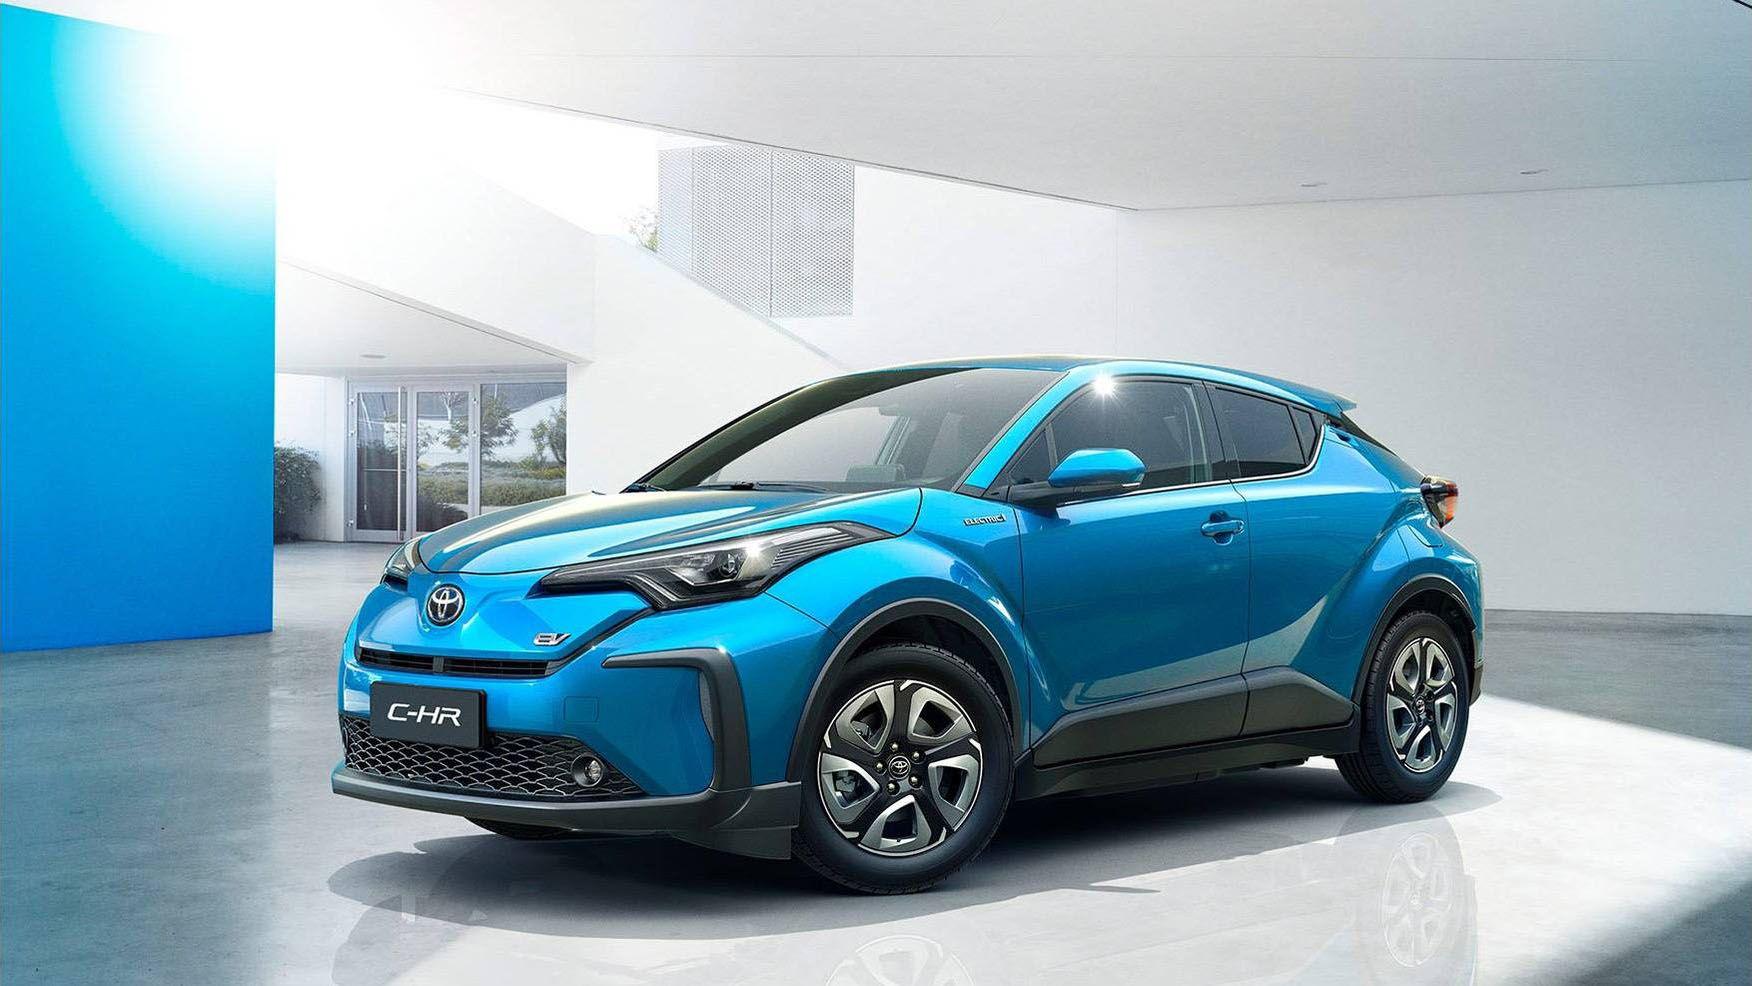 Nuovo Toyota CH-R elettrico 2020: i primi dettagli parlano ...